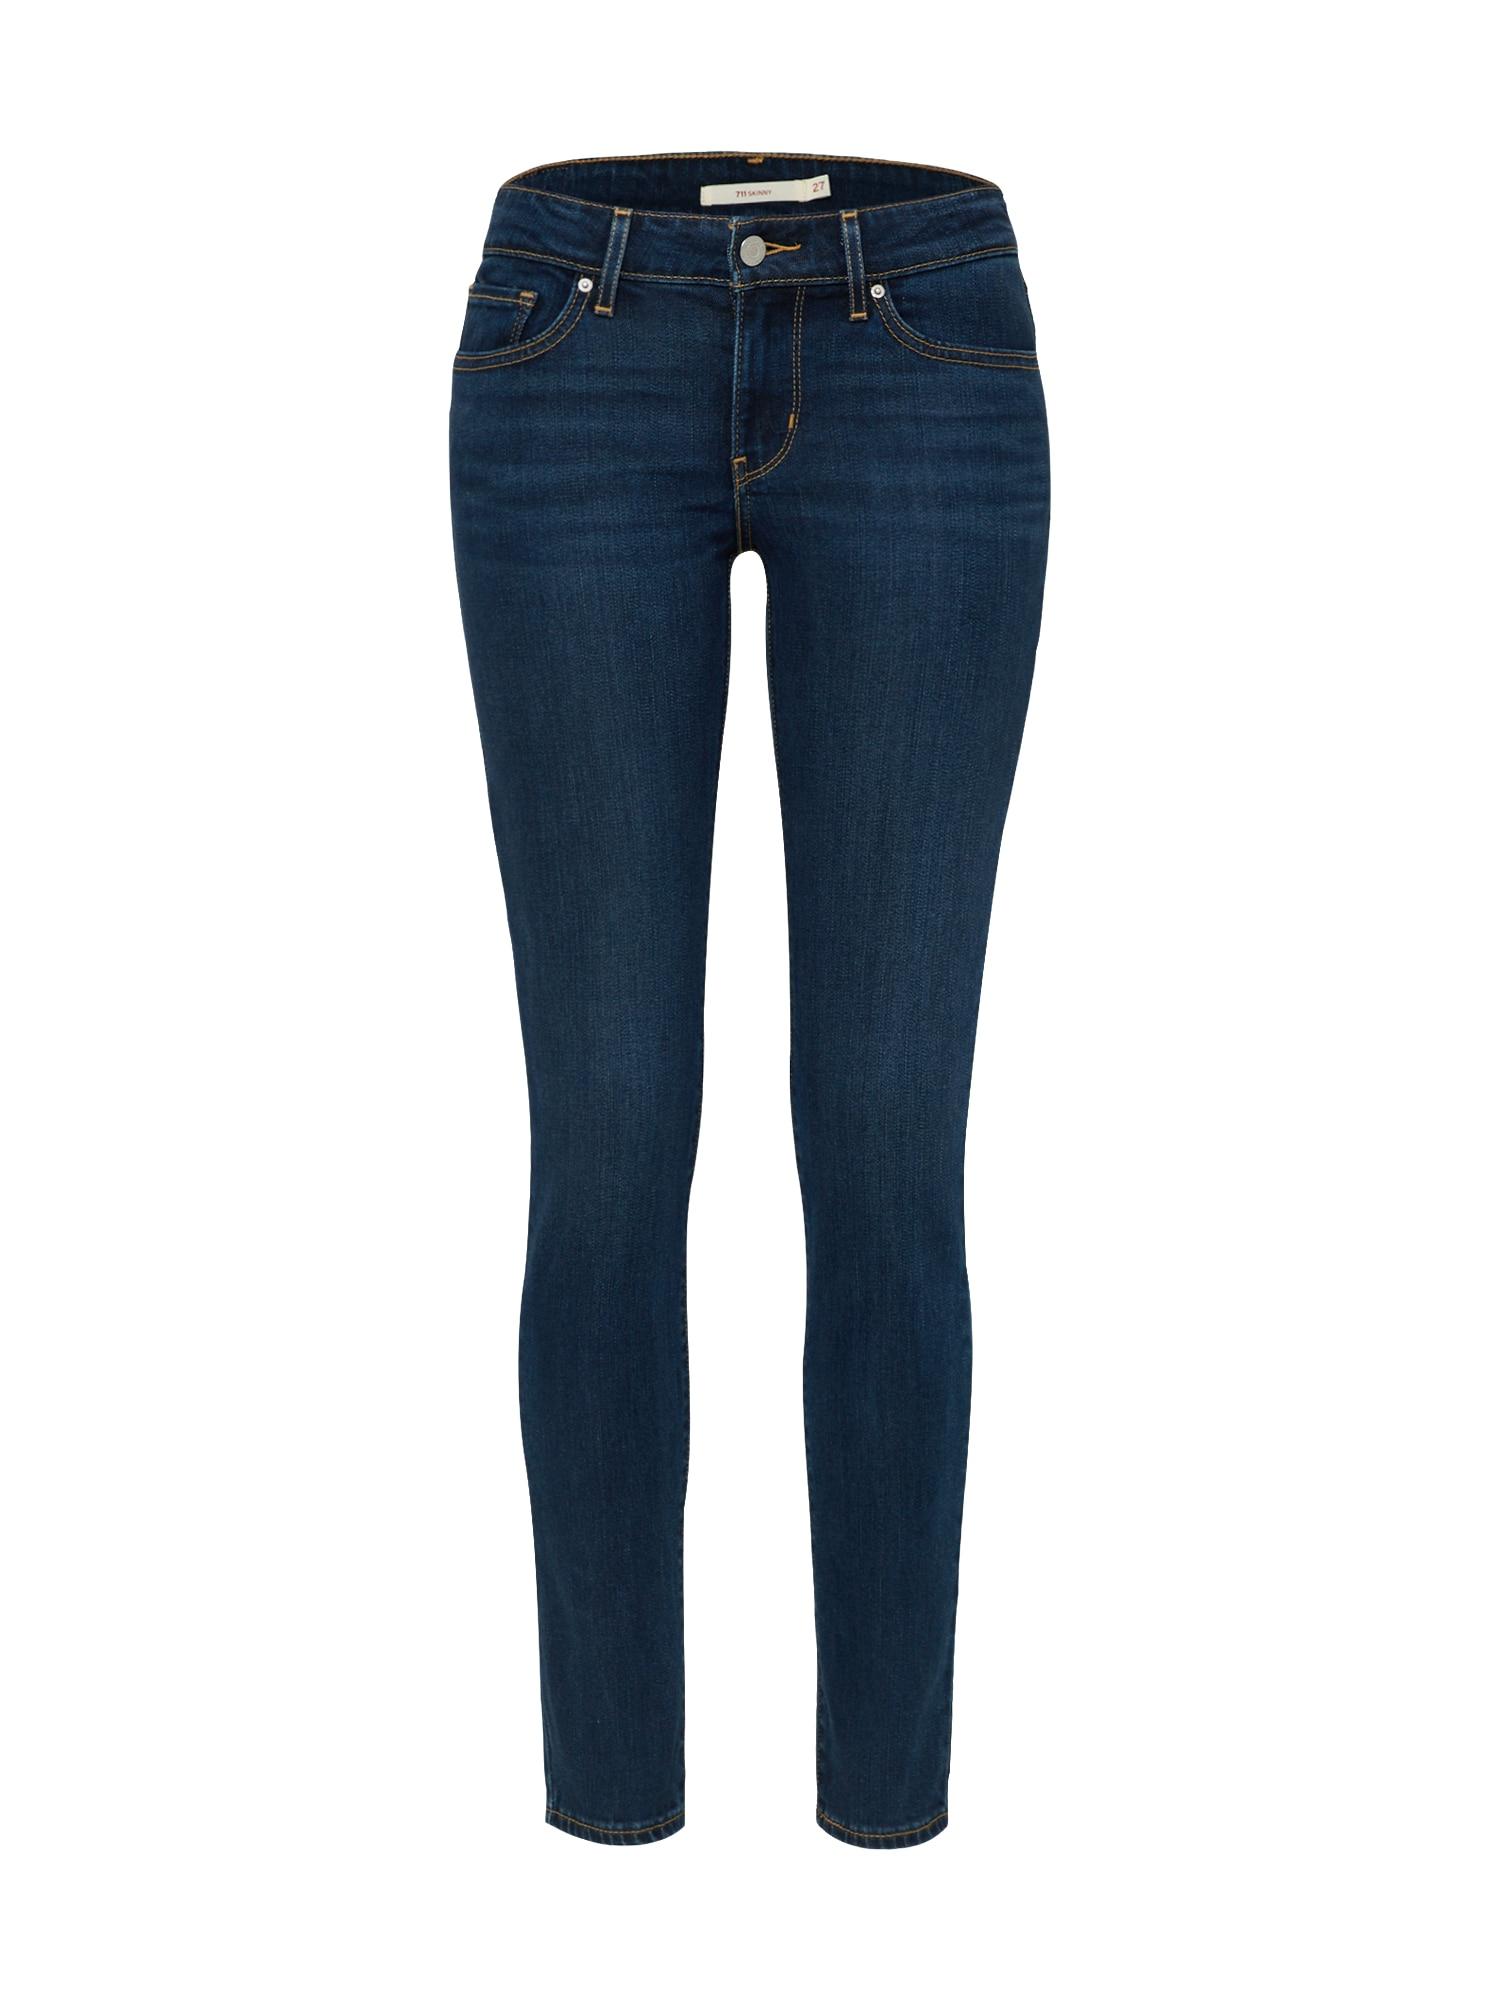 LEVI'S Dames Jeans 711 blue denim